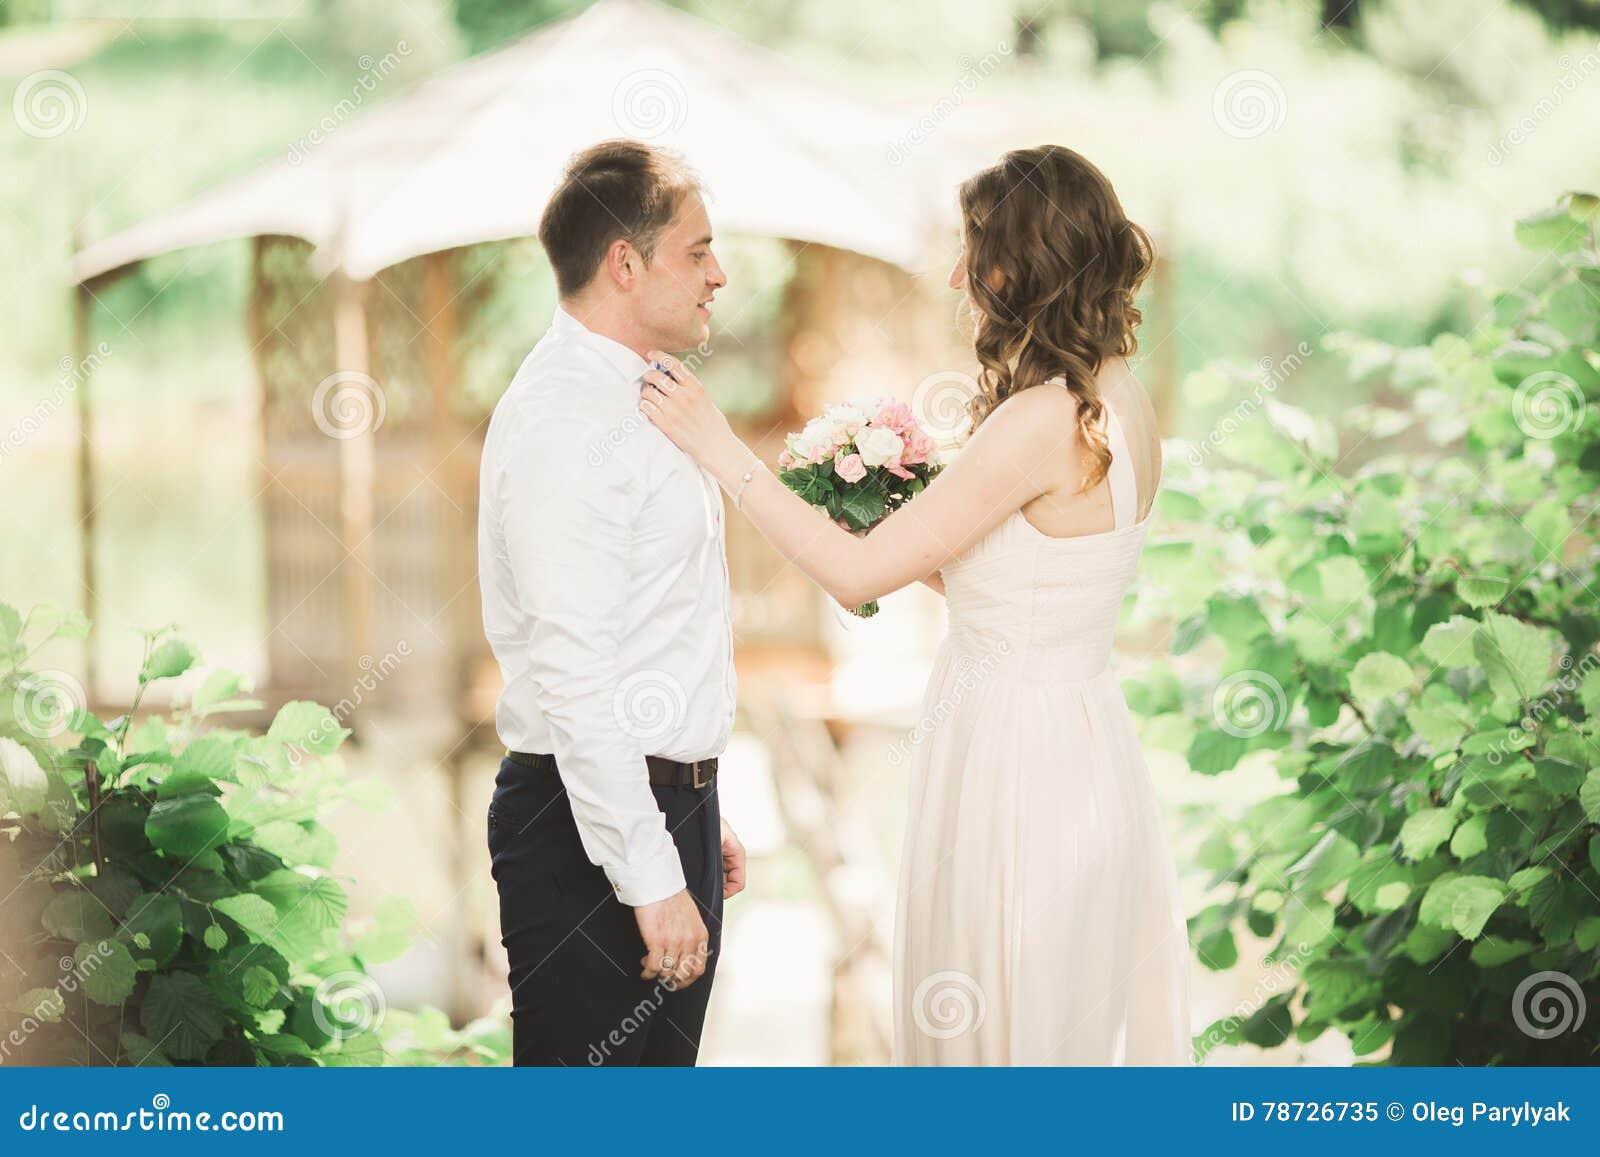 Förälskade älskvärda par kyssa sig på dagbröllopet som utomhus står i parkera nära sjön